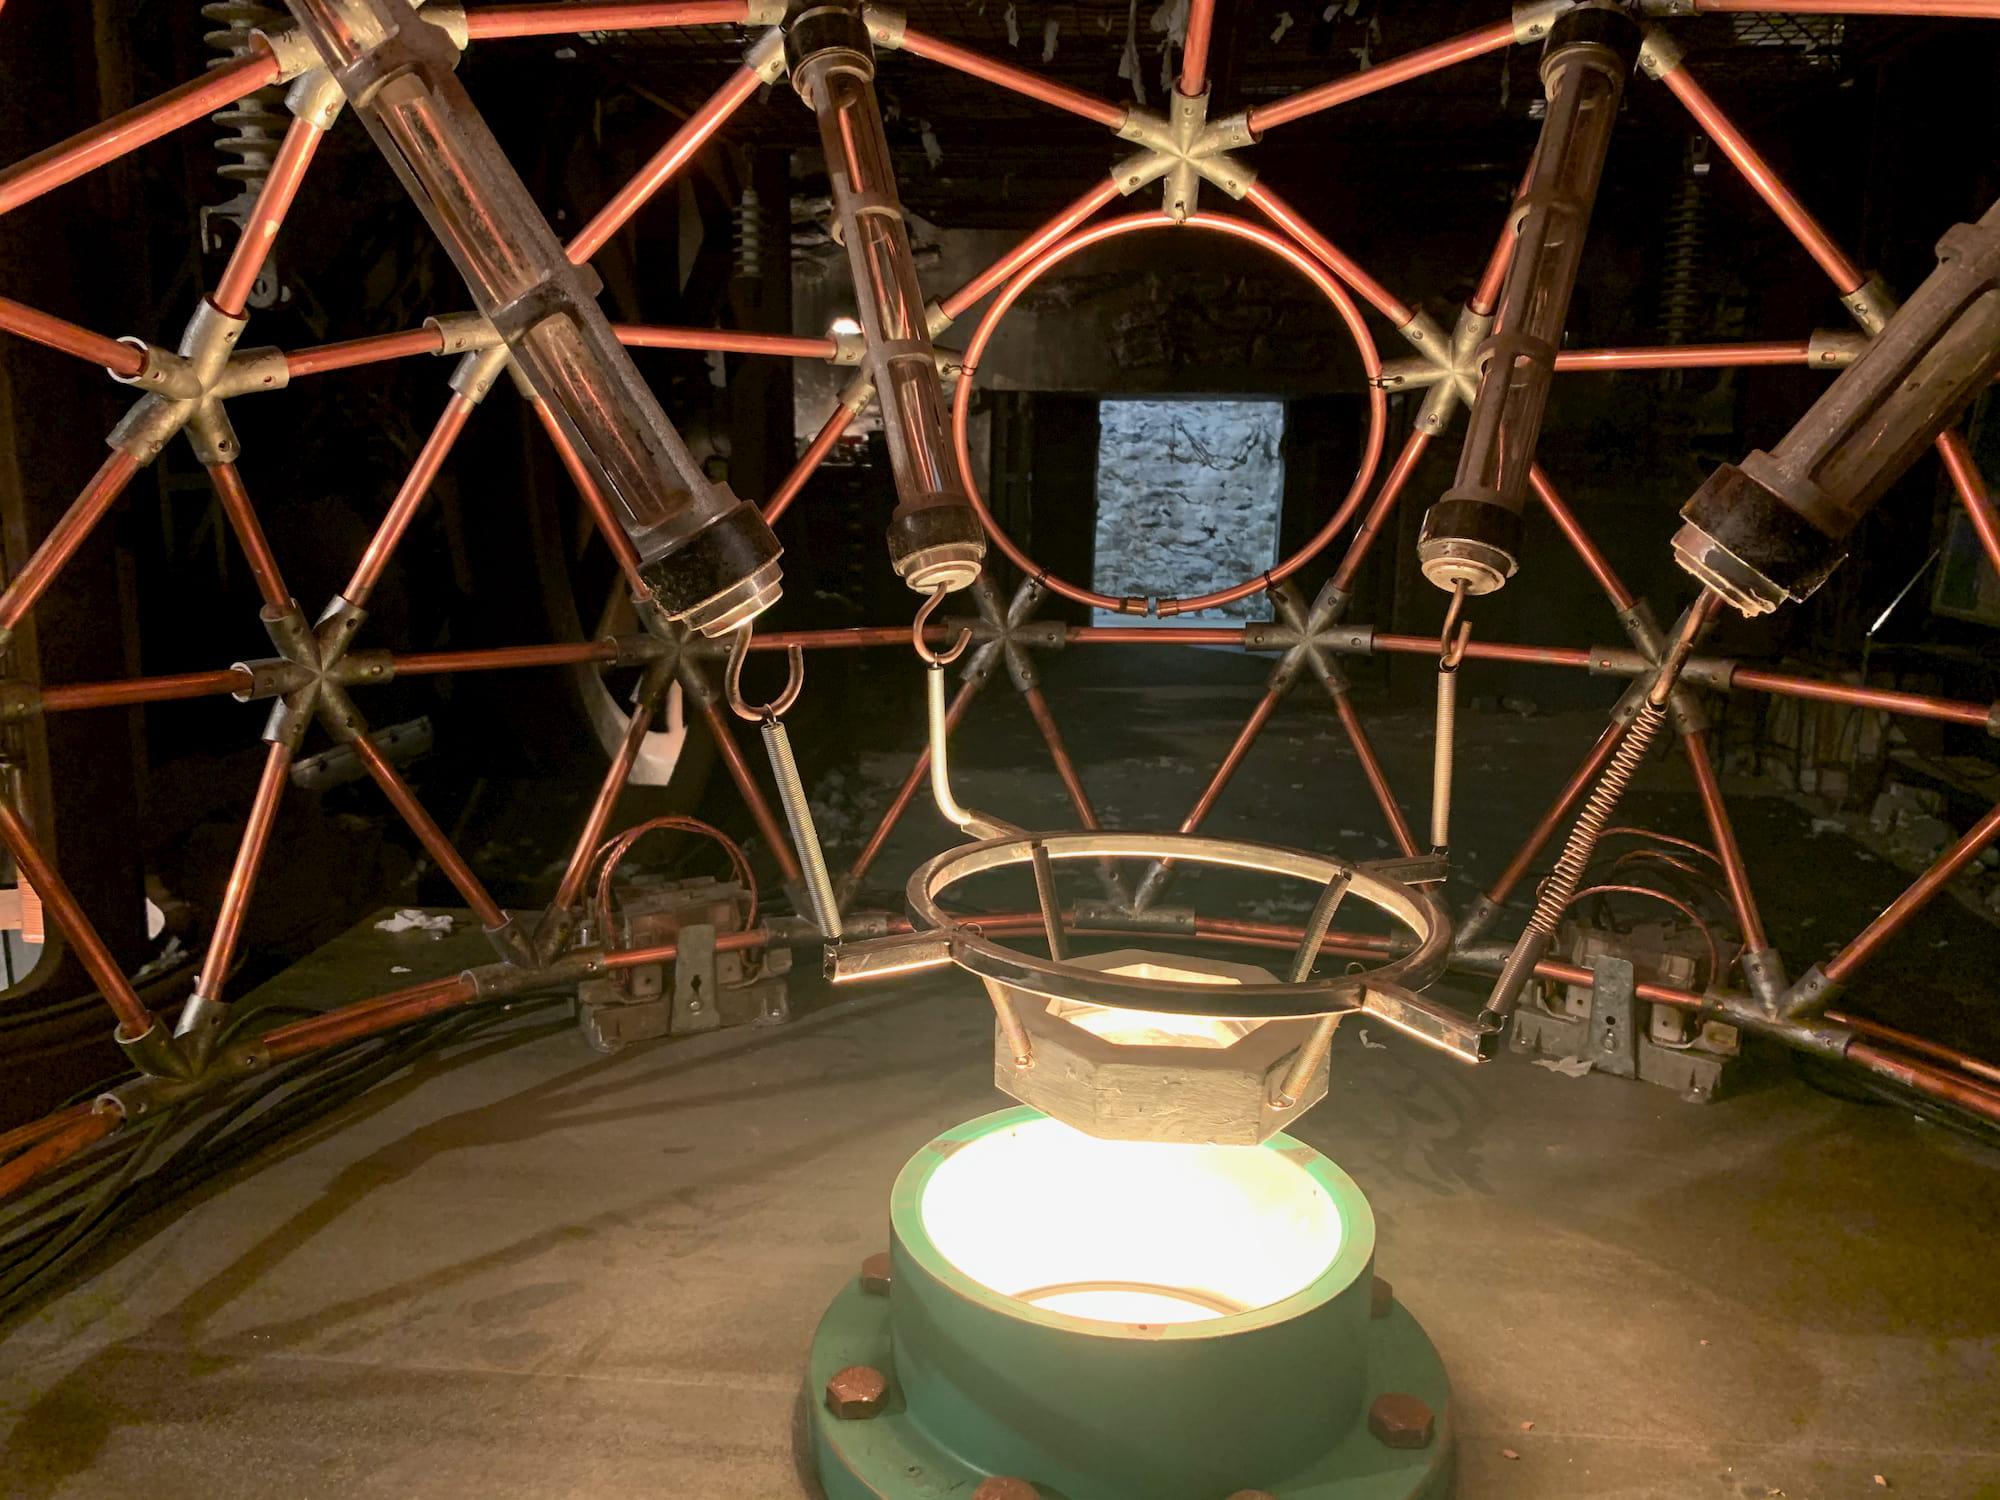 futuristic structure made of coper